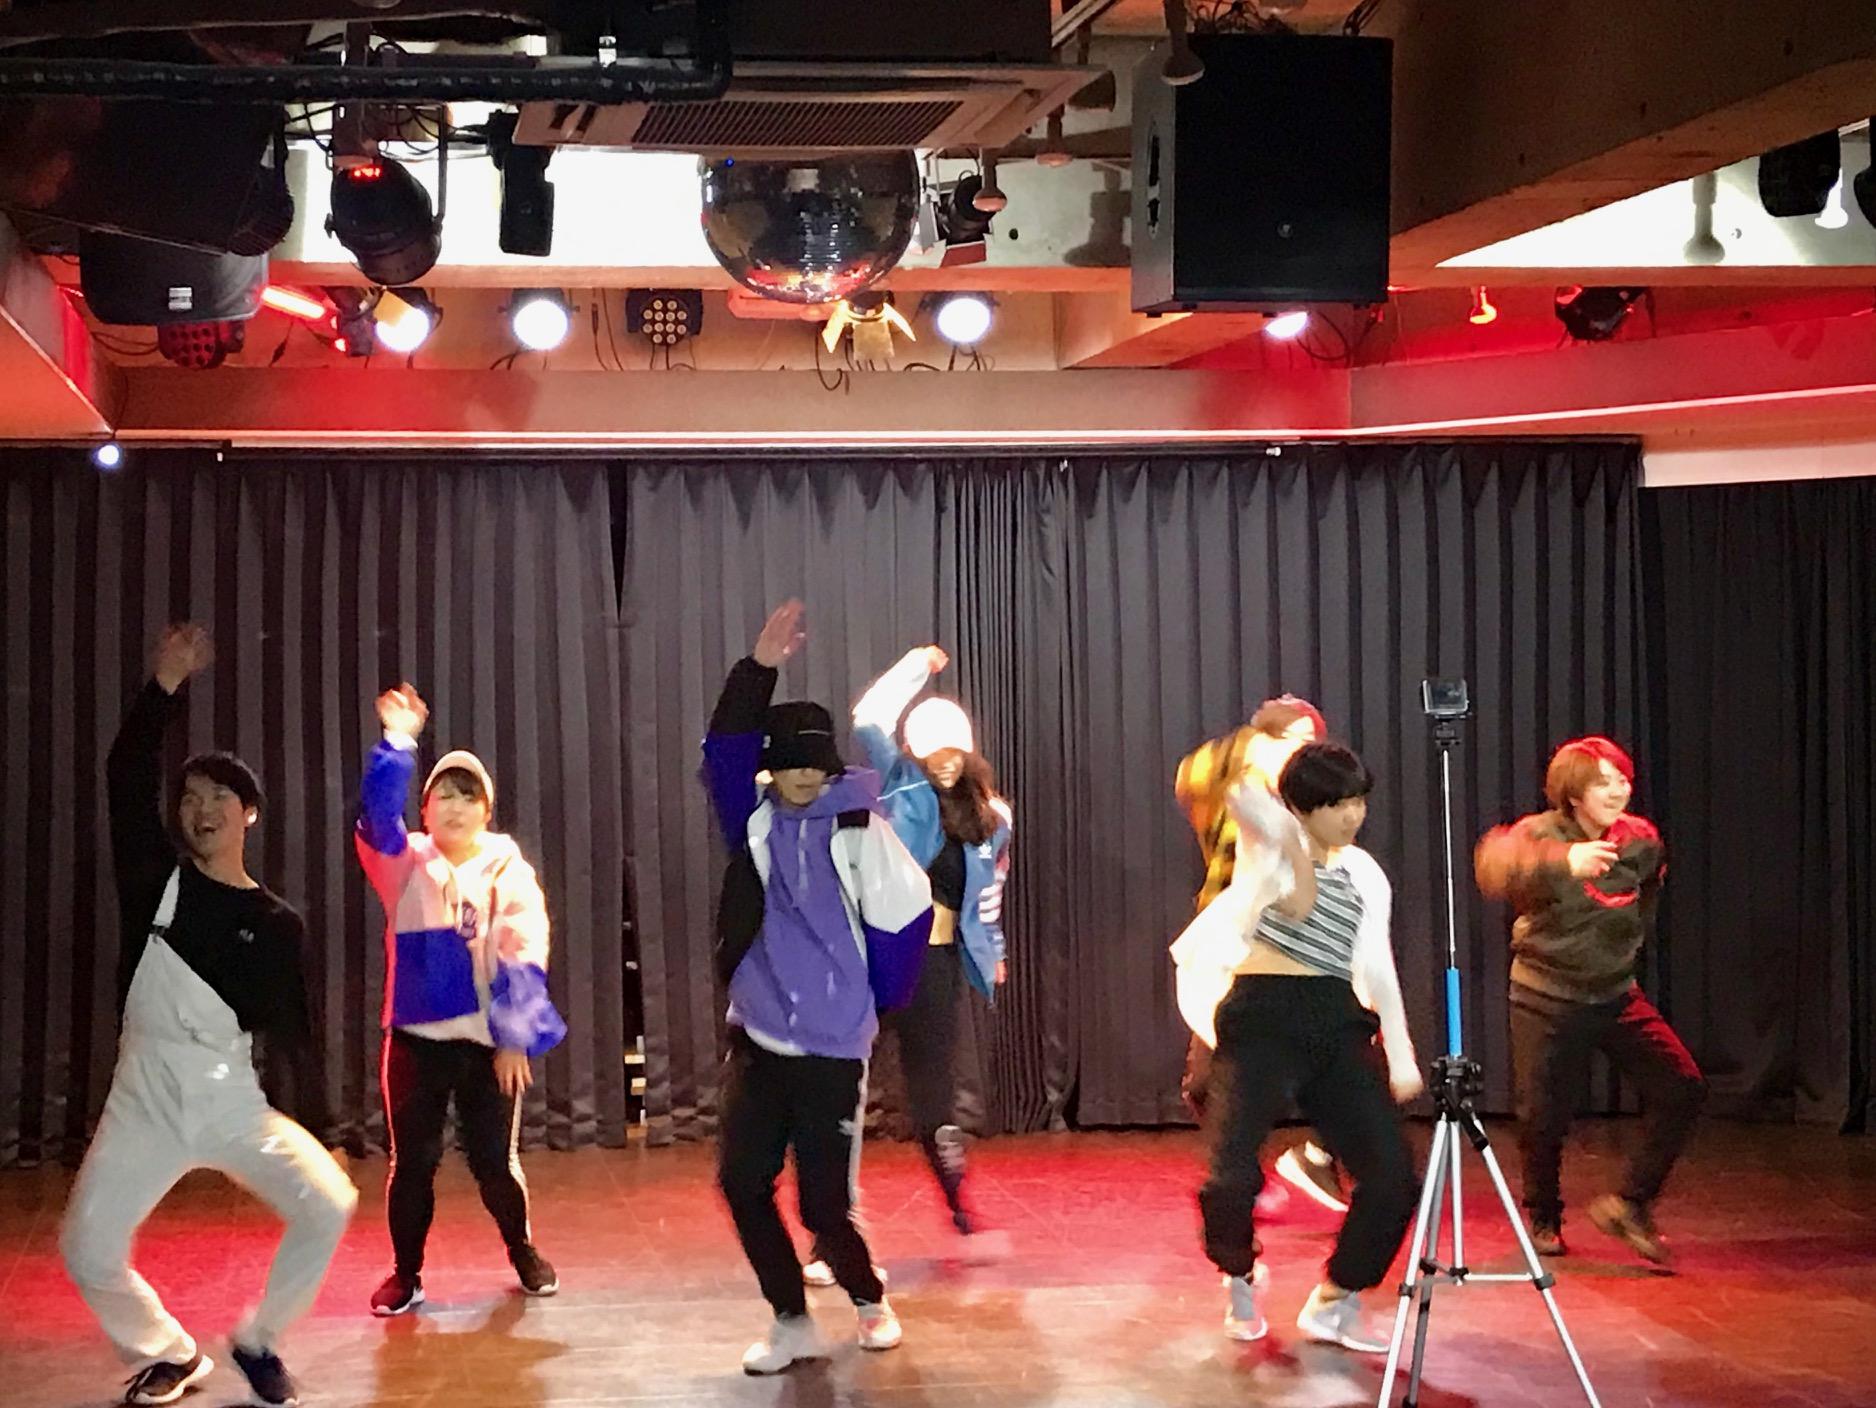 ダンスイベント ダンス発表会 秋葉原ダンスホール